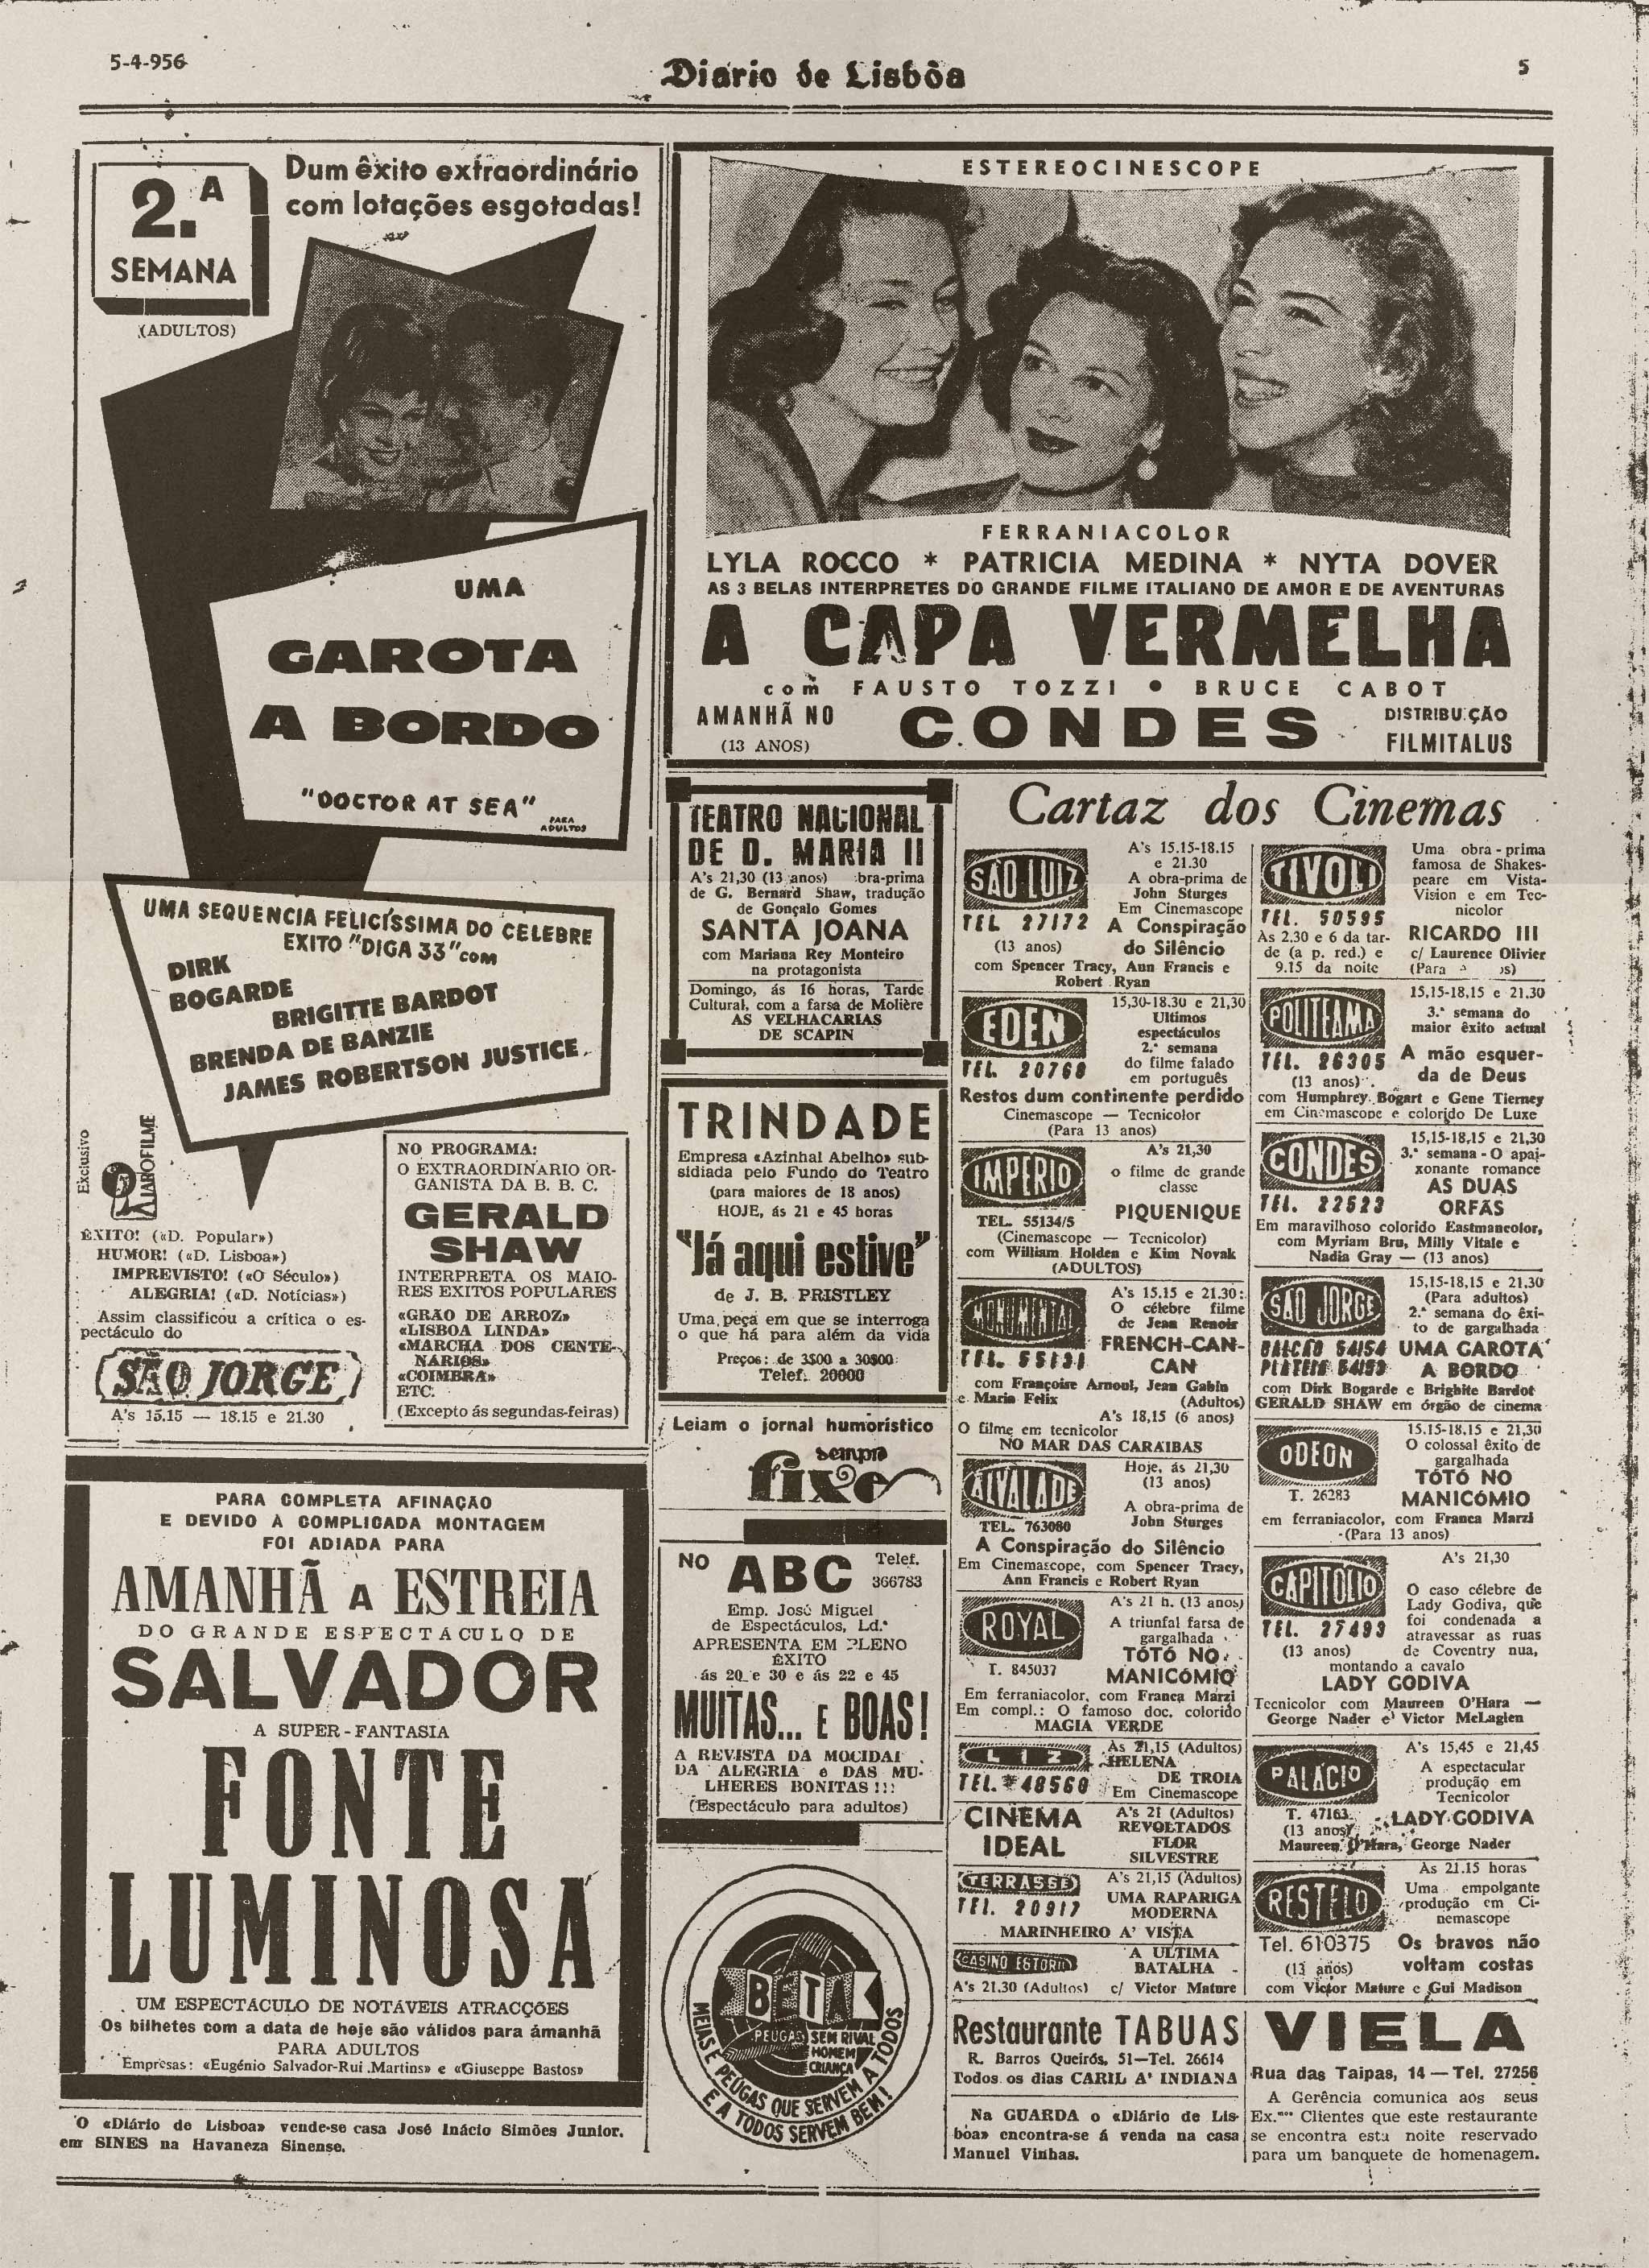 Diário de Lisbôa, 5/4/956